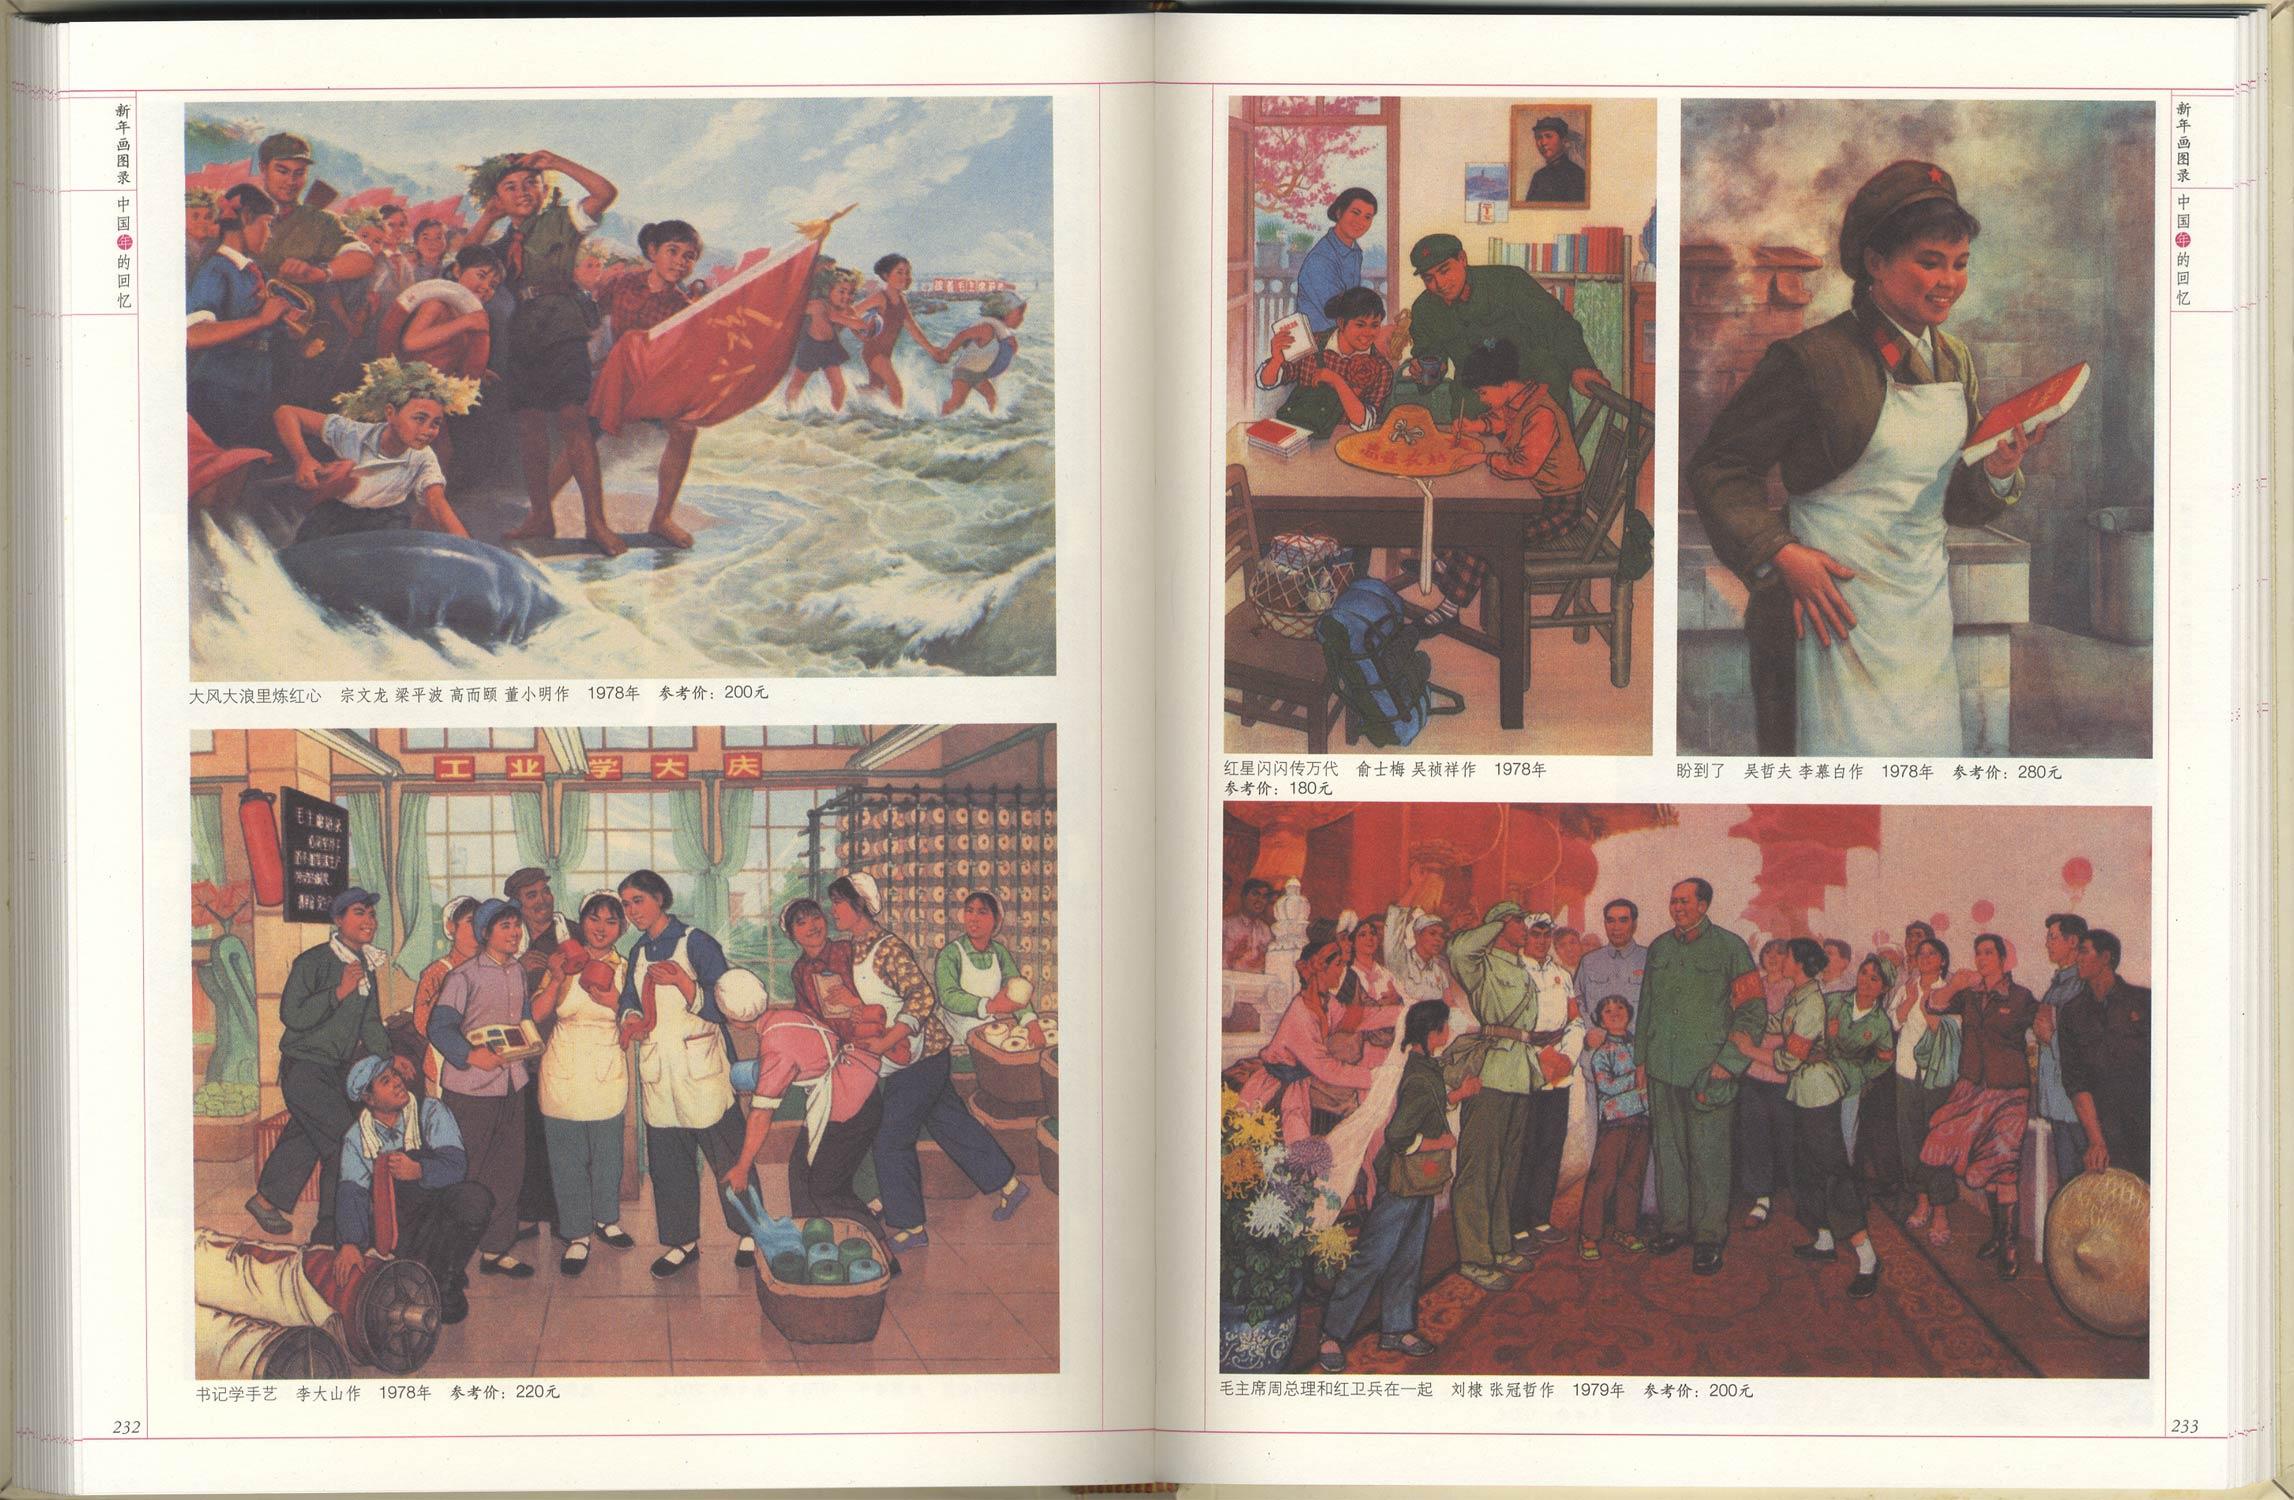 新年画图录 中国年的回忆[image5]